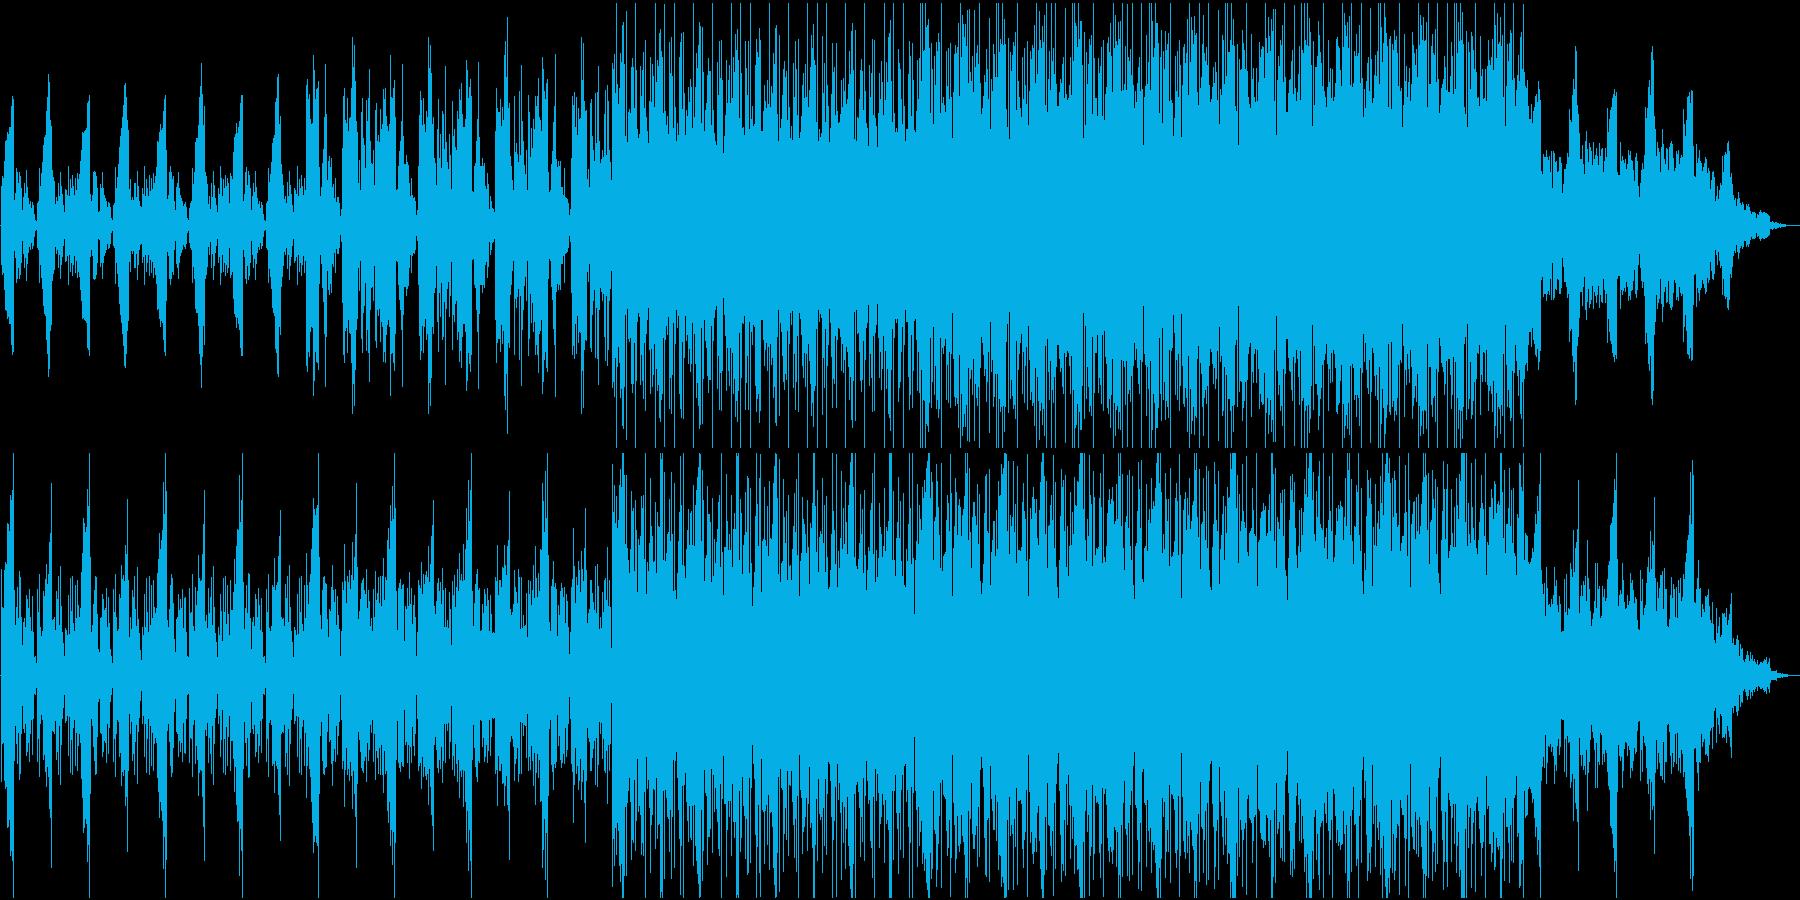 ホラー、緊迫した場面などに合う曲の再生済みの波形